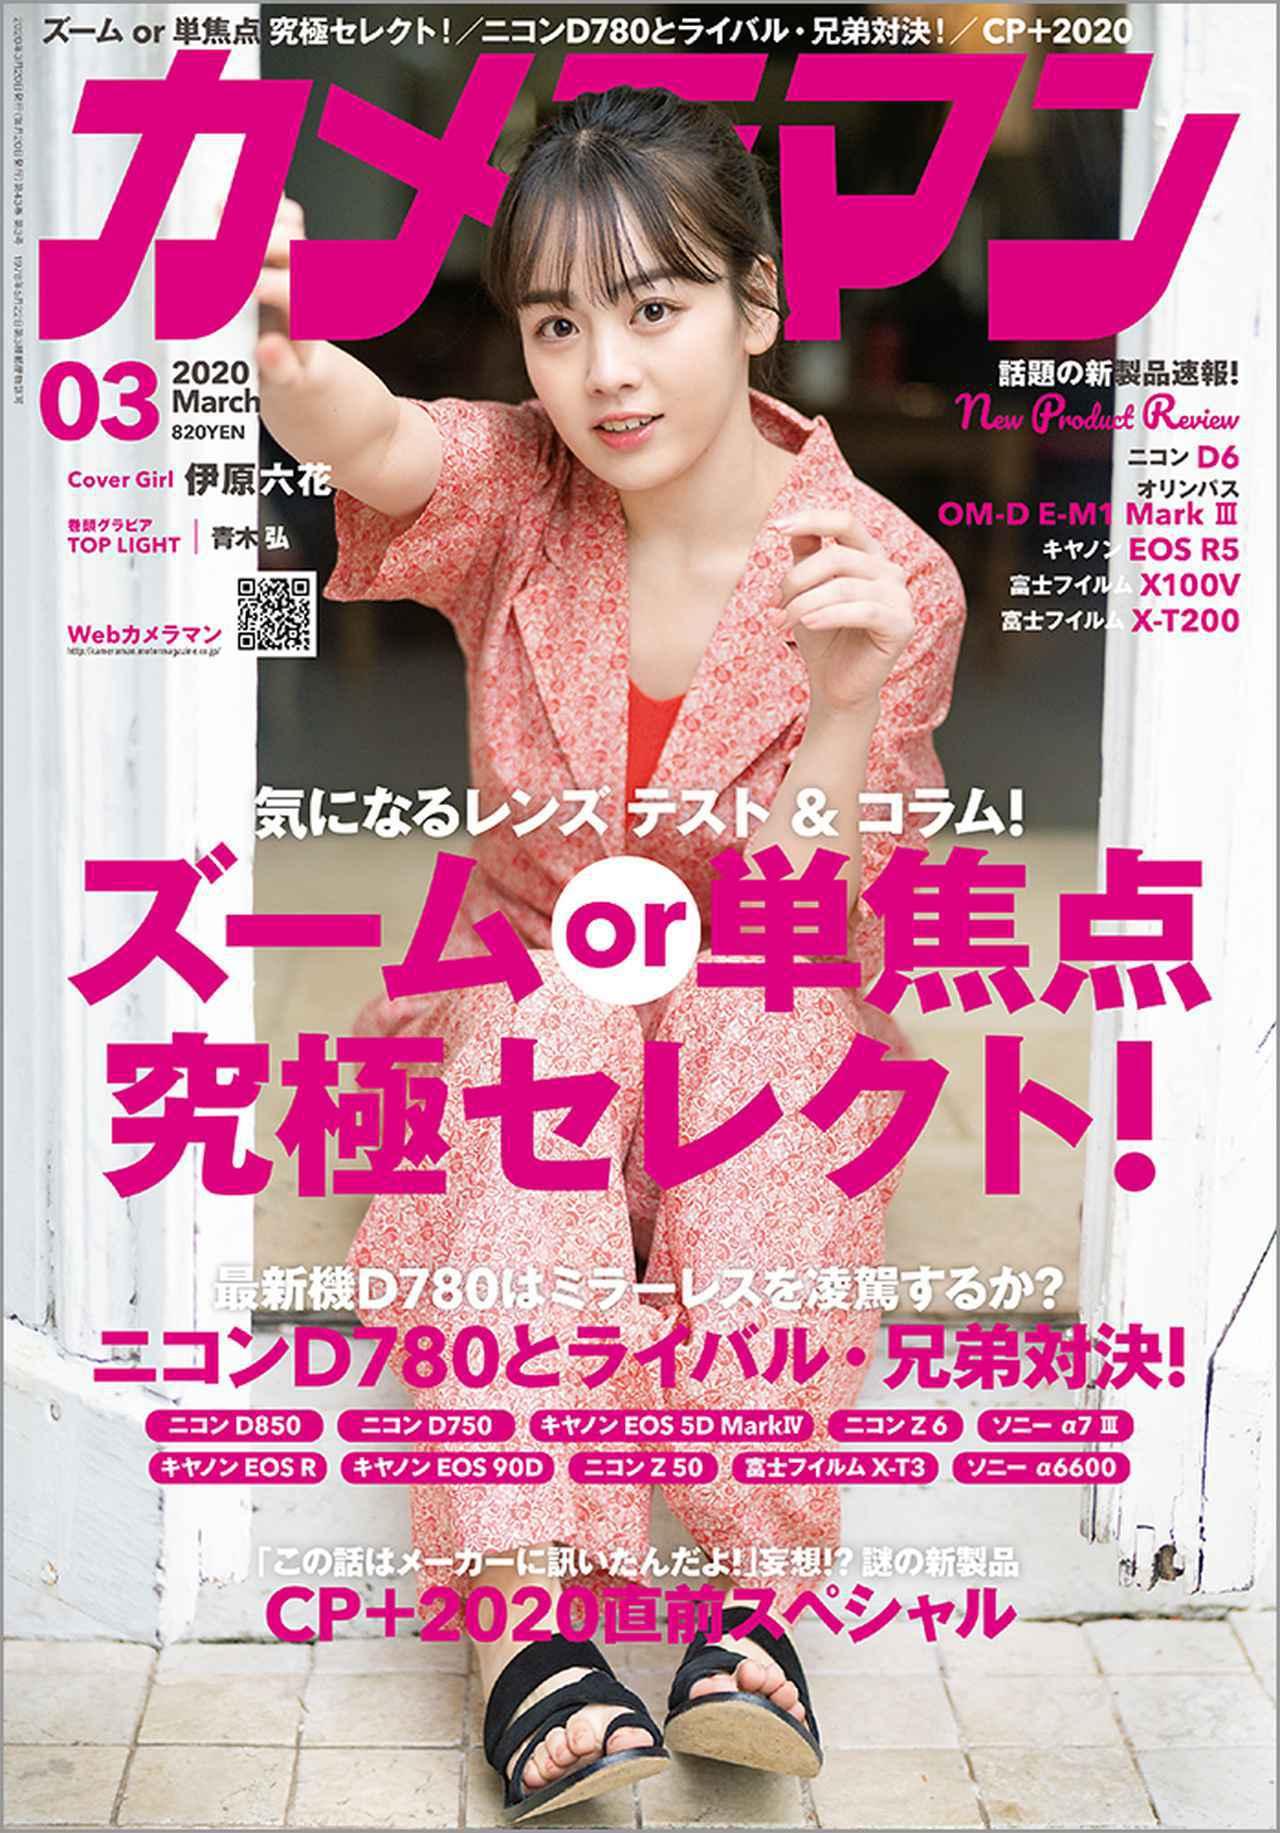 画像: 「カメラマン」2020年3月号は2月20日発売。 - 株式会社モーターマガジン社